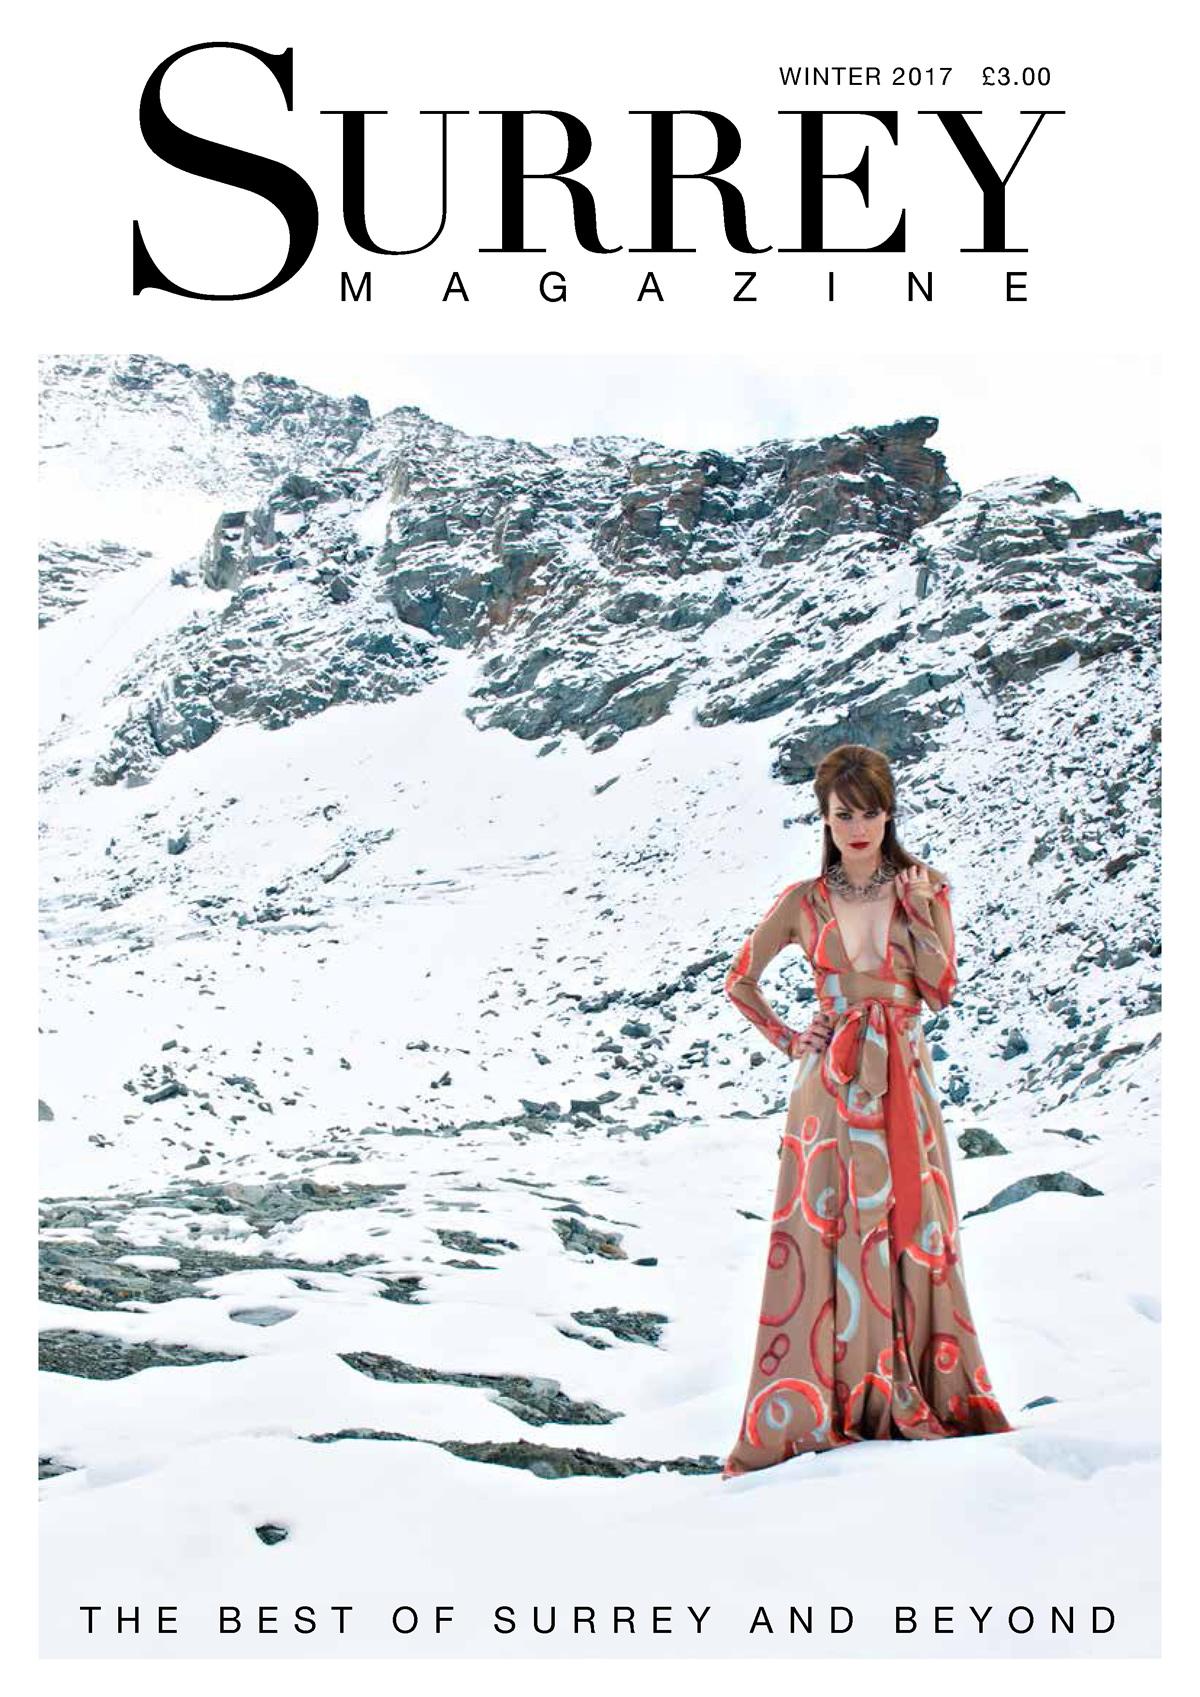 Surrey Magazine Winter 2017 Page 1